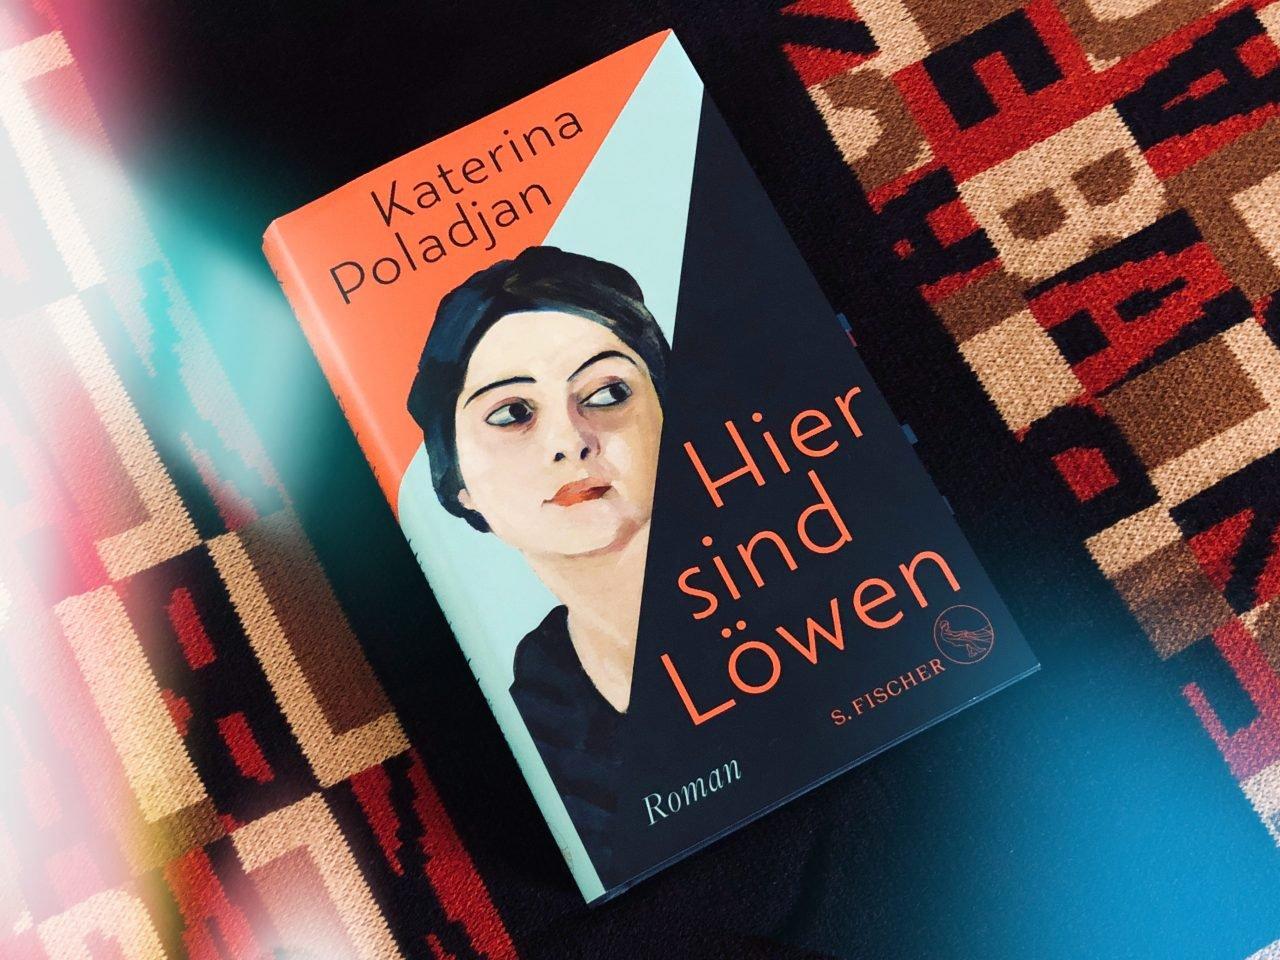 Hier sind Löwen - Katerina Poladjan - S. Fischer Verlag - #buchpreisbloggen